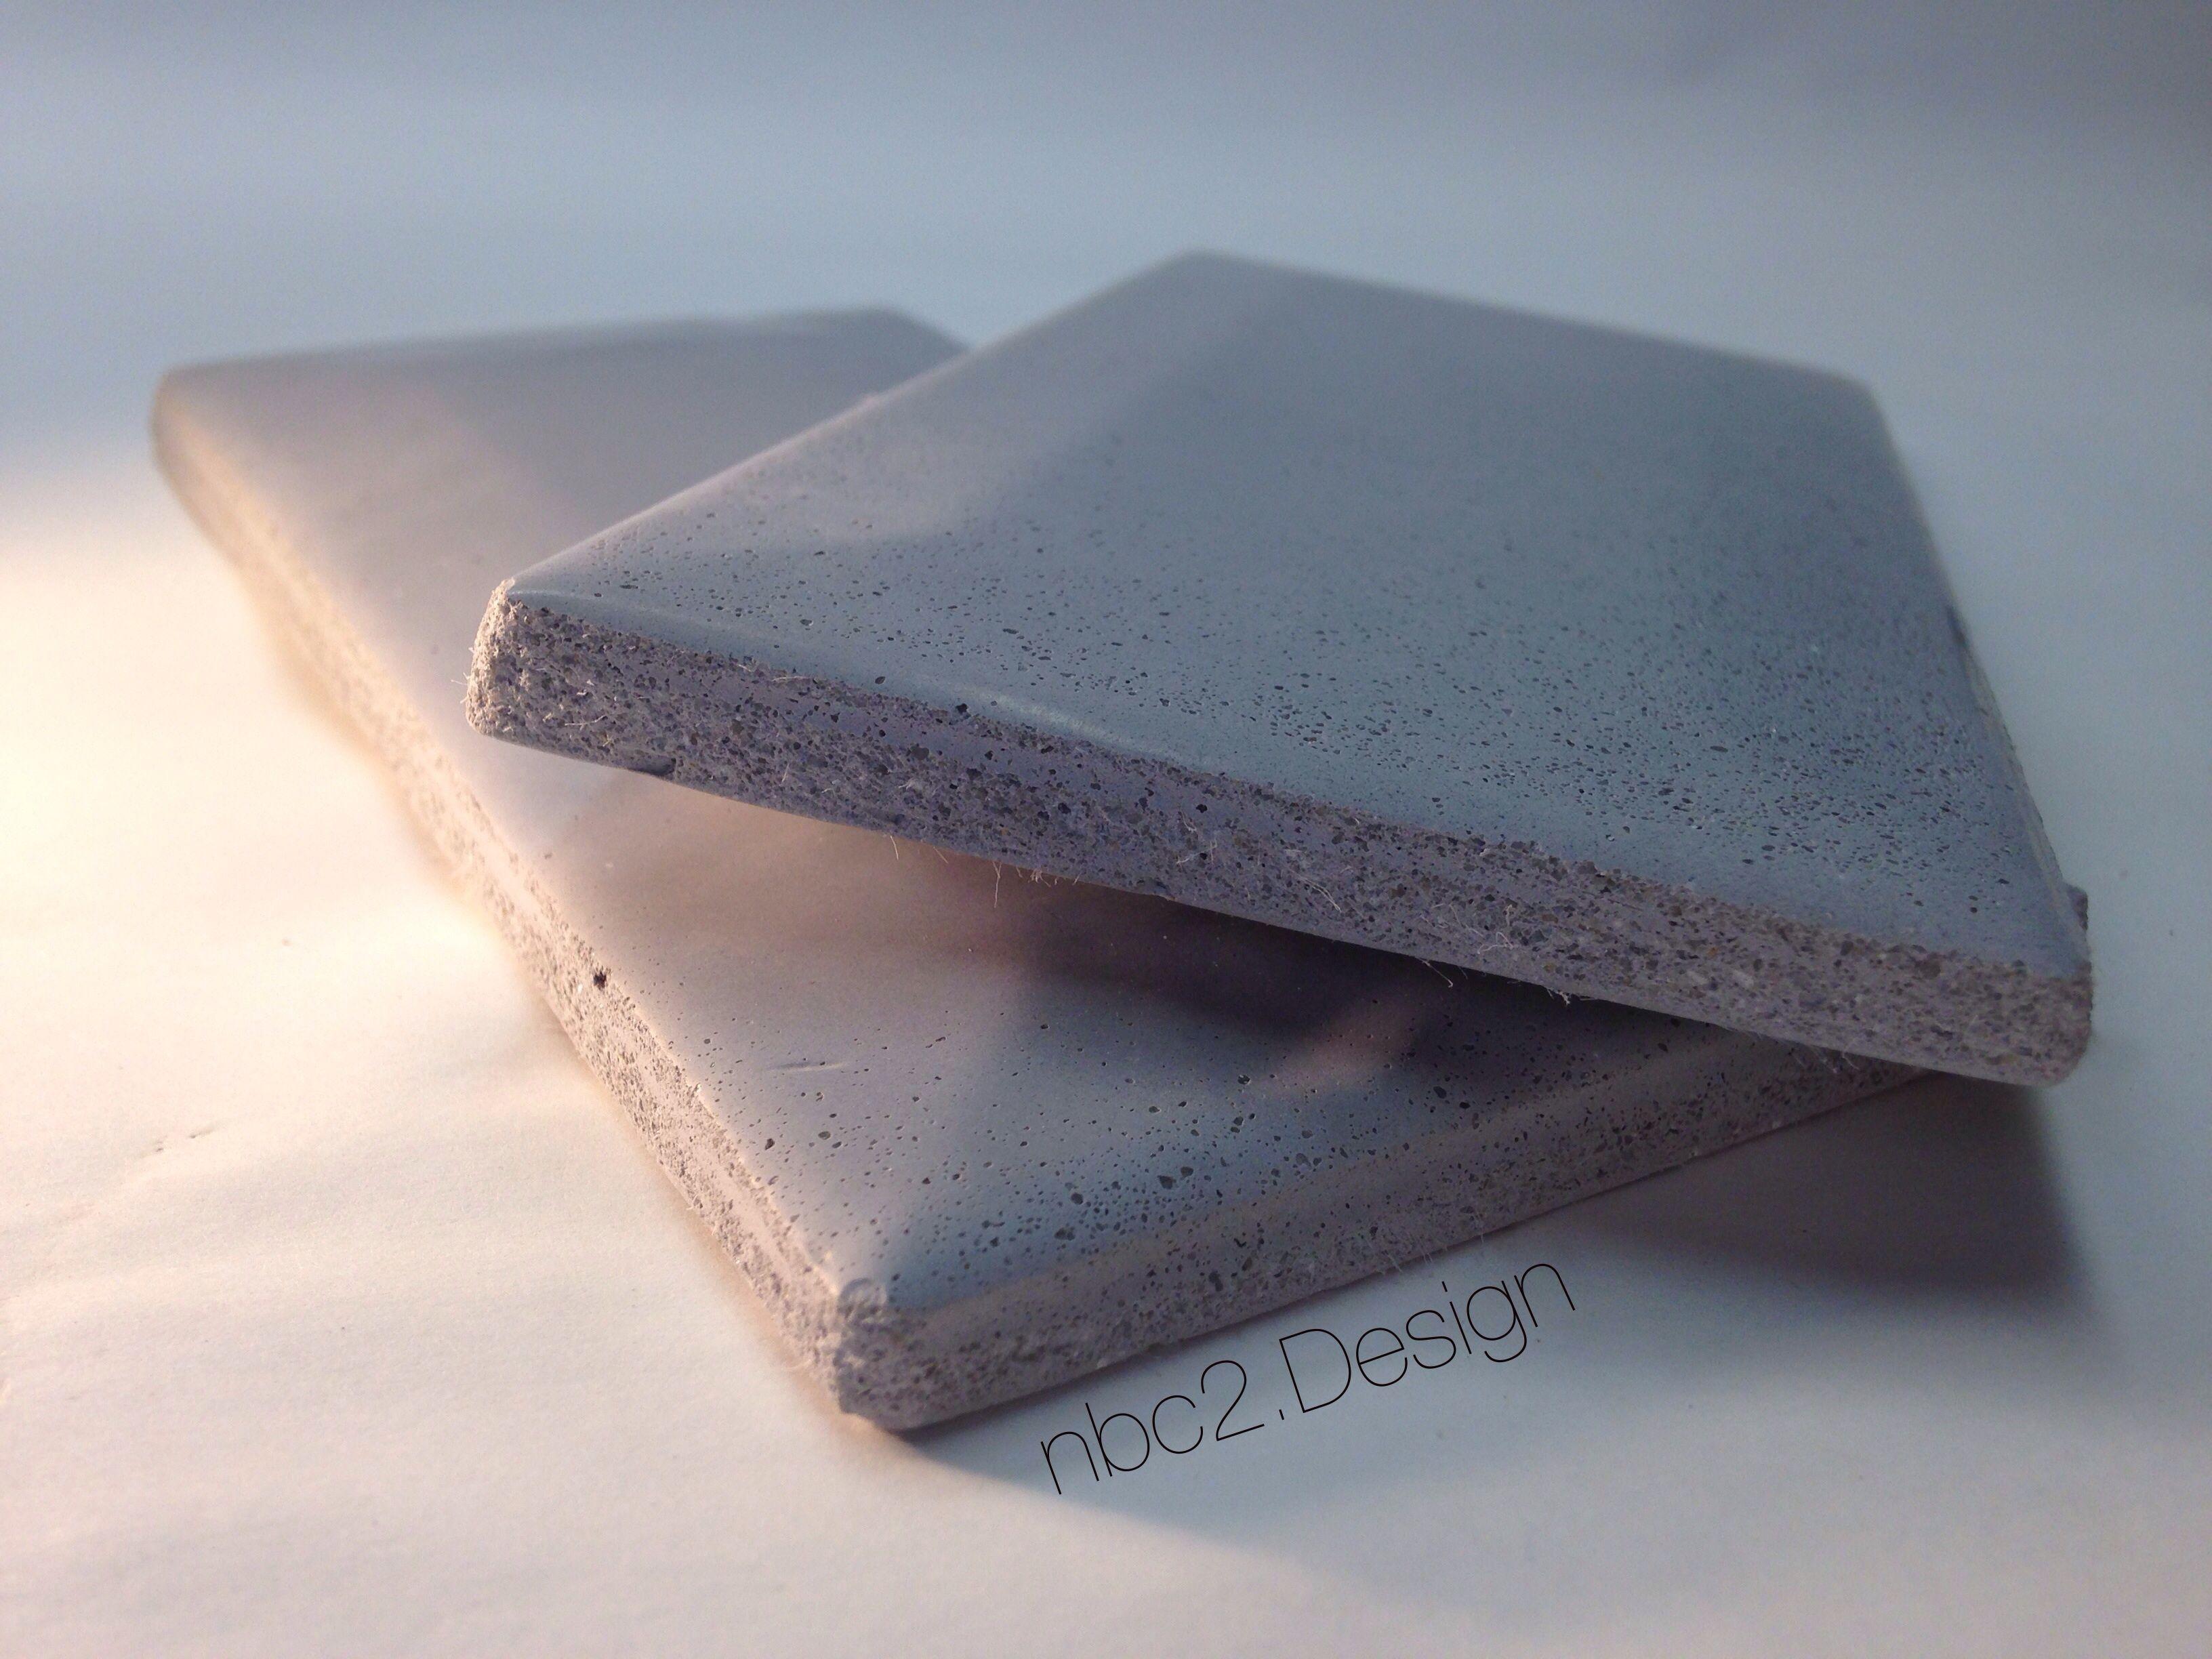 Handmade Concrete Subway Tile Tapered Edges Gray White